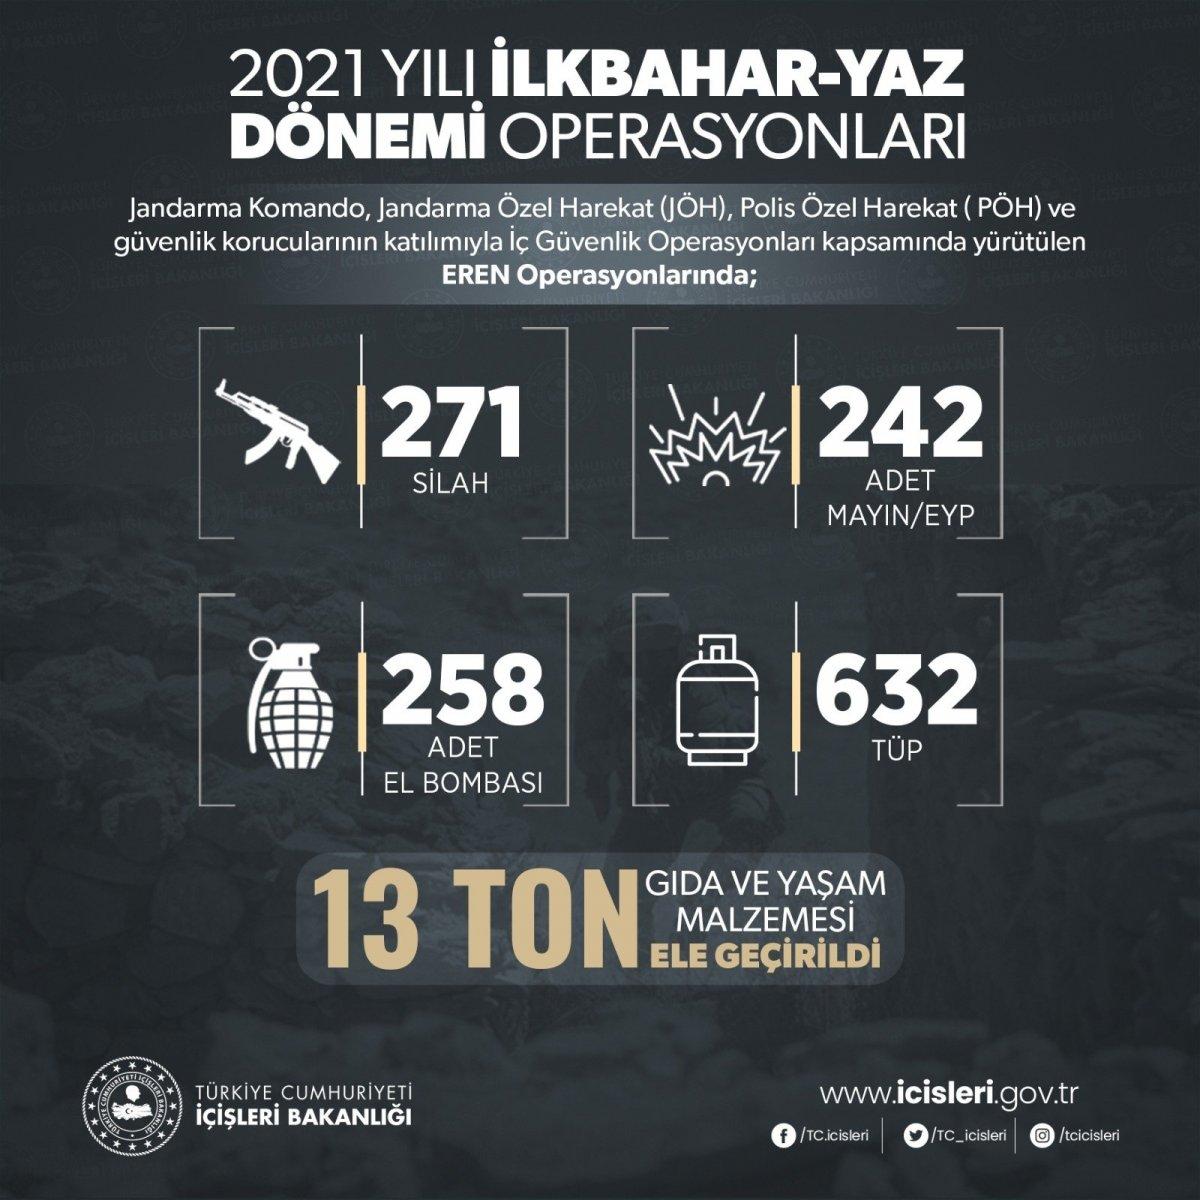 İlkbahar-yaz dönemi operasyonlarında 127 terörist etkisiz hale getirildi #5